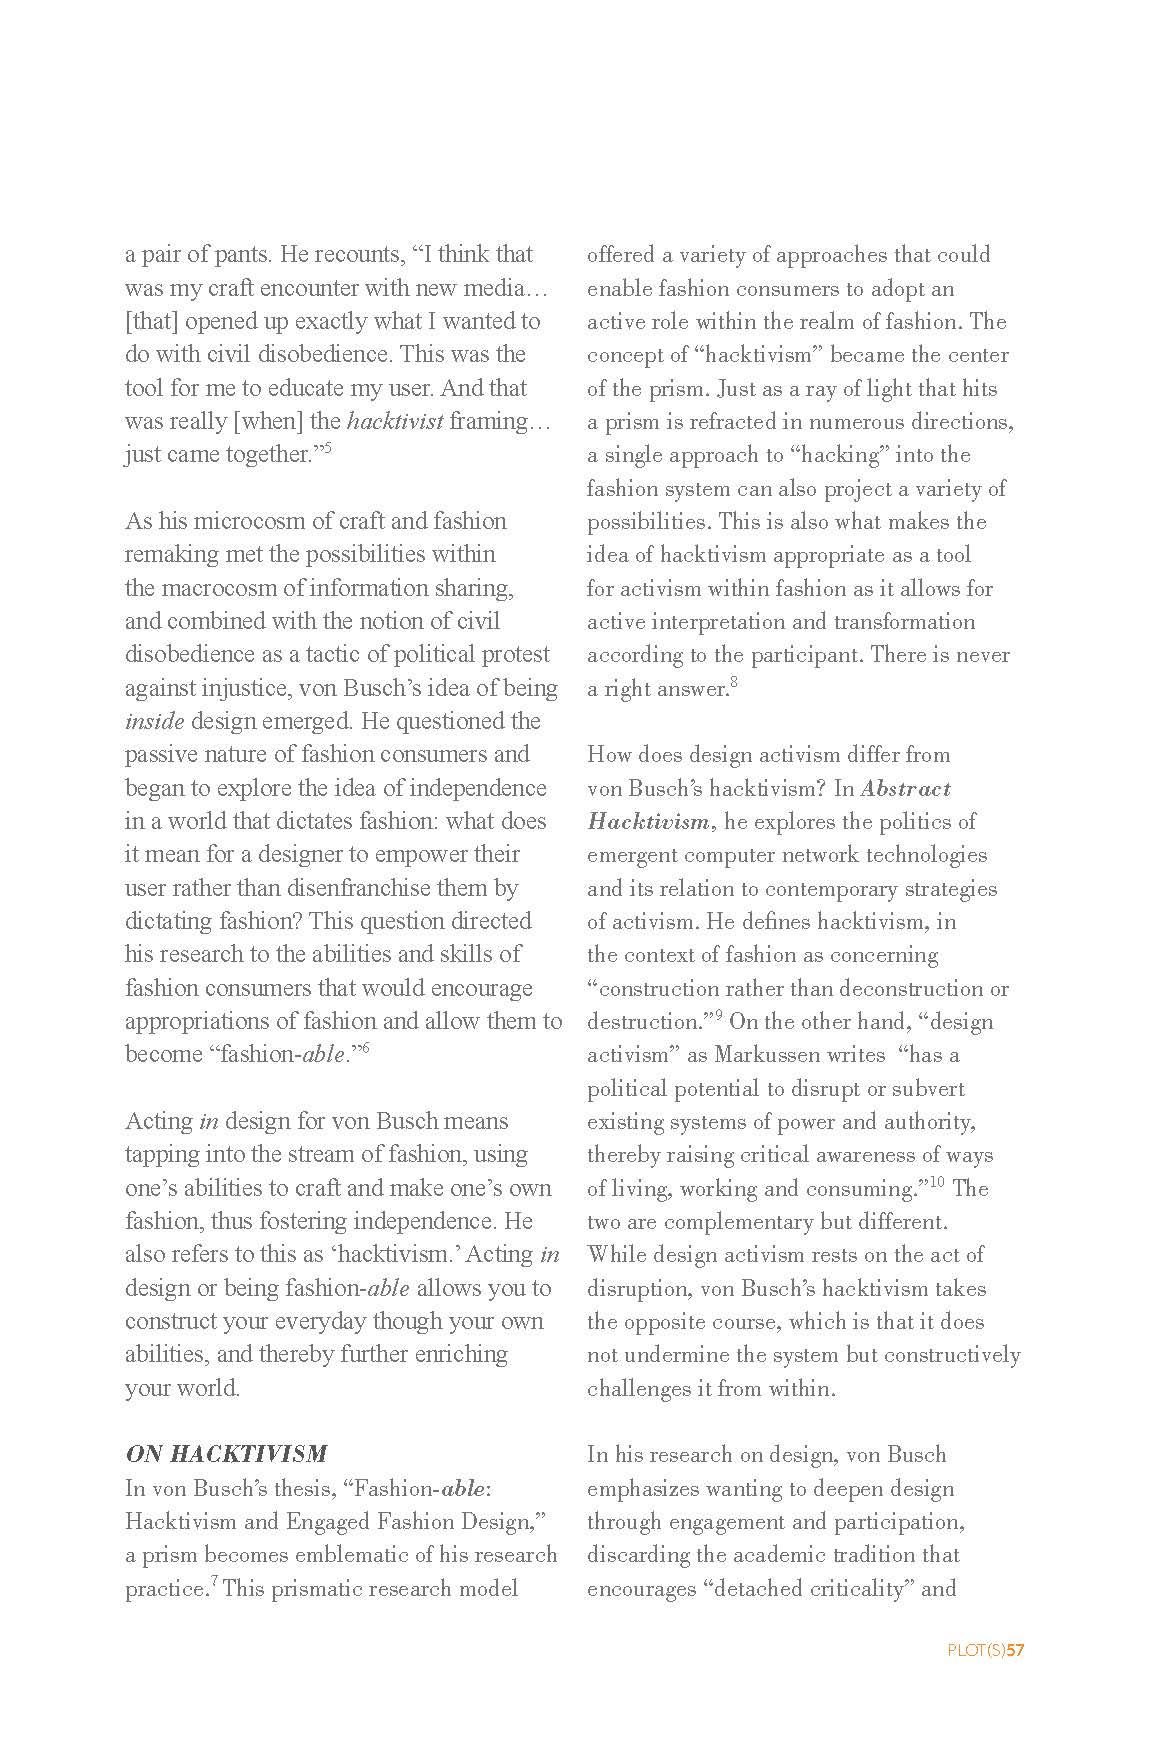 Otto Von Busch- REMAKING ROADS TO AGENCY_Page_3